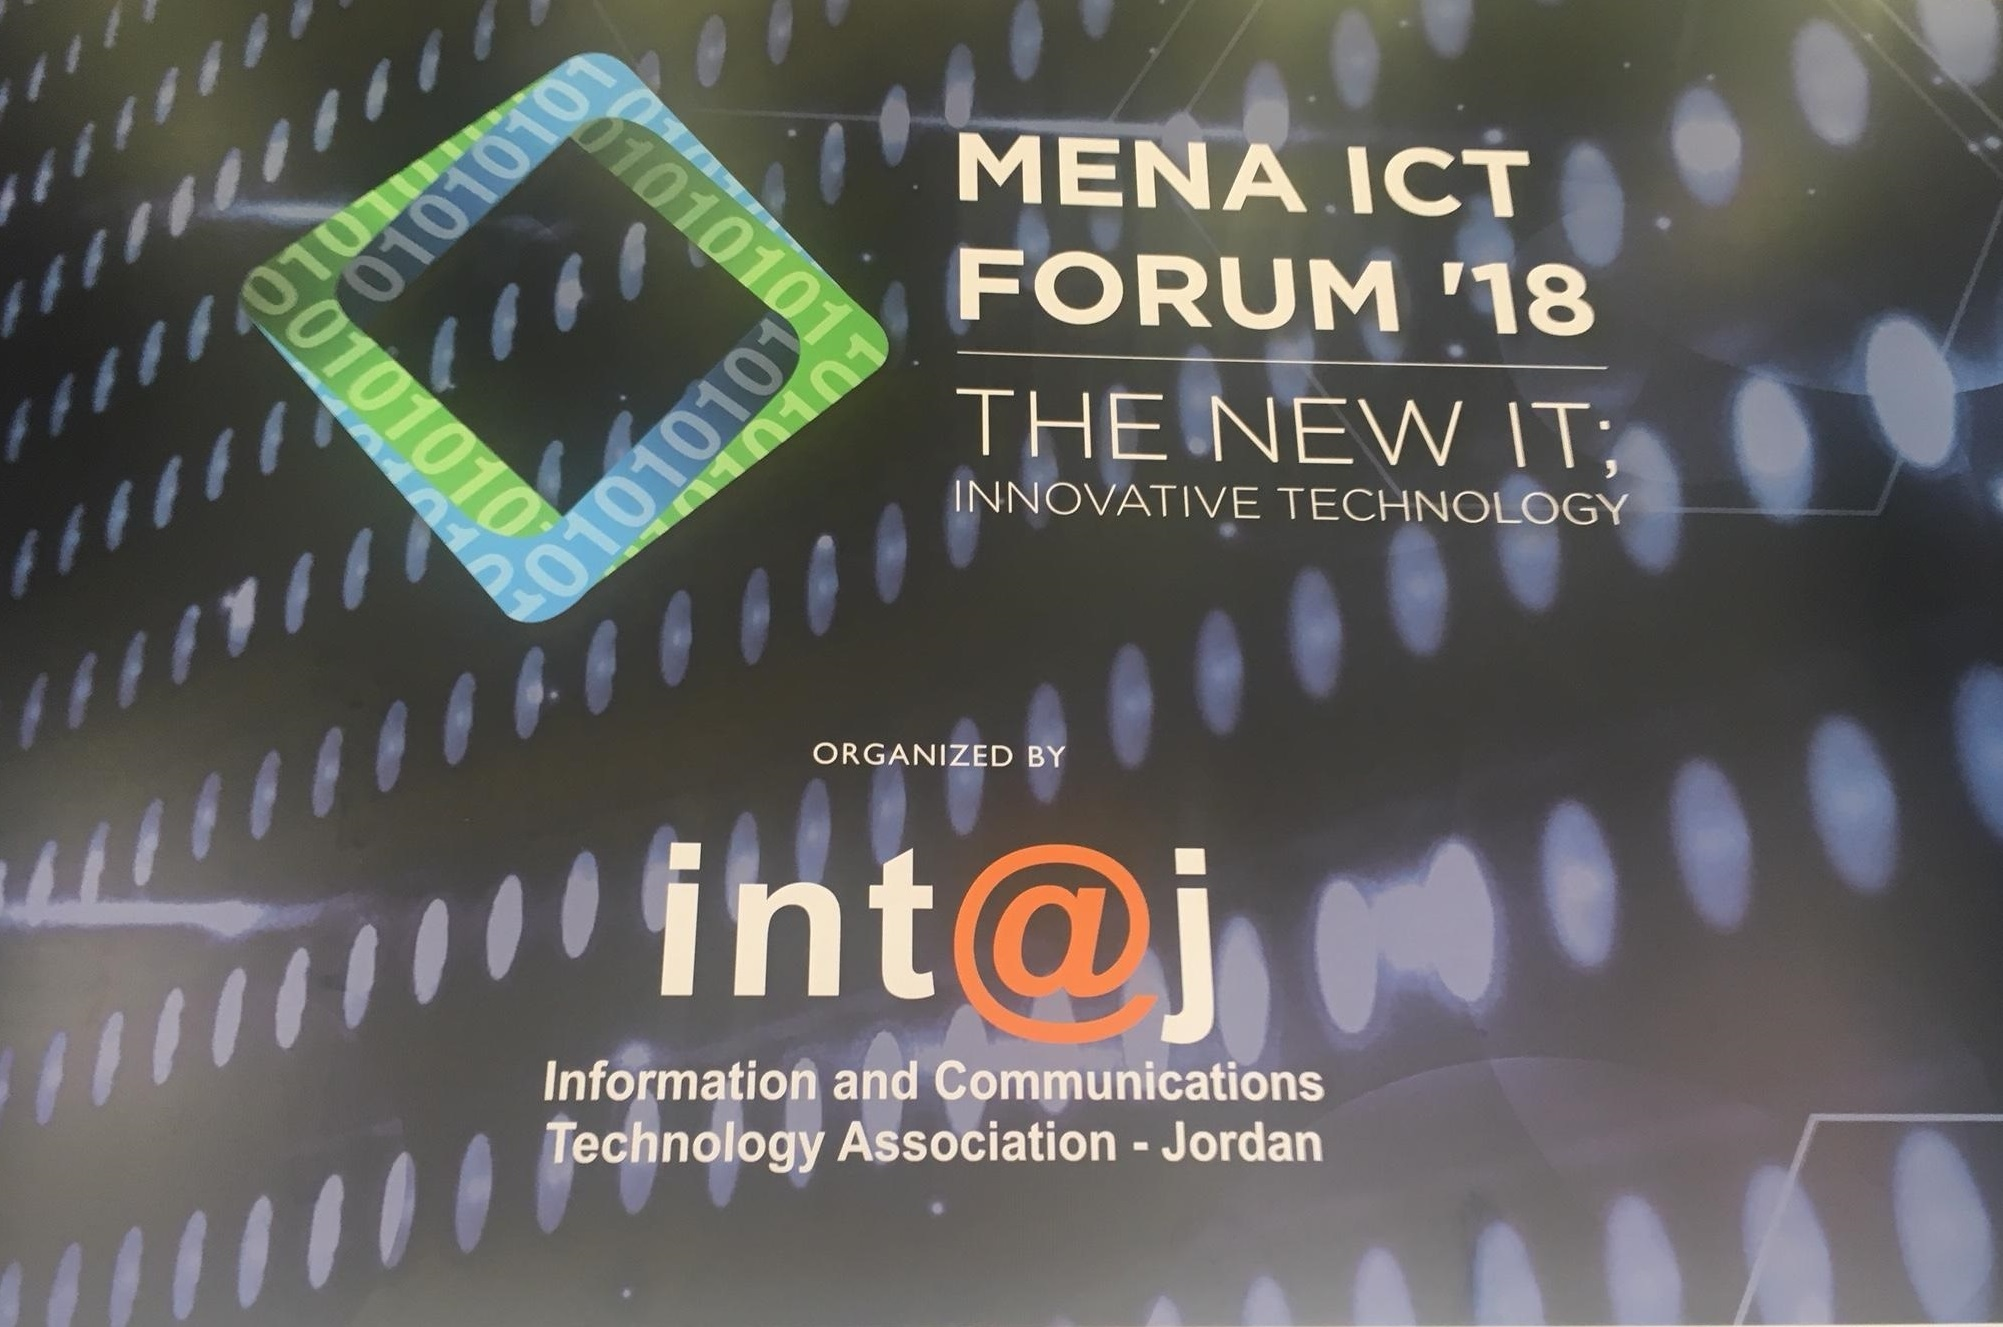 CIMCON to Present at MENA ICT Forum' 18 in Amman-Jordan